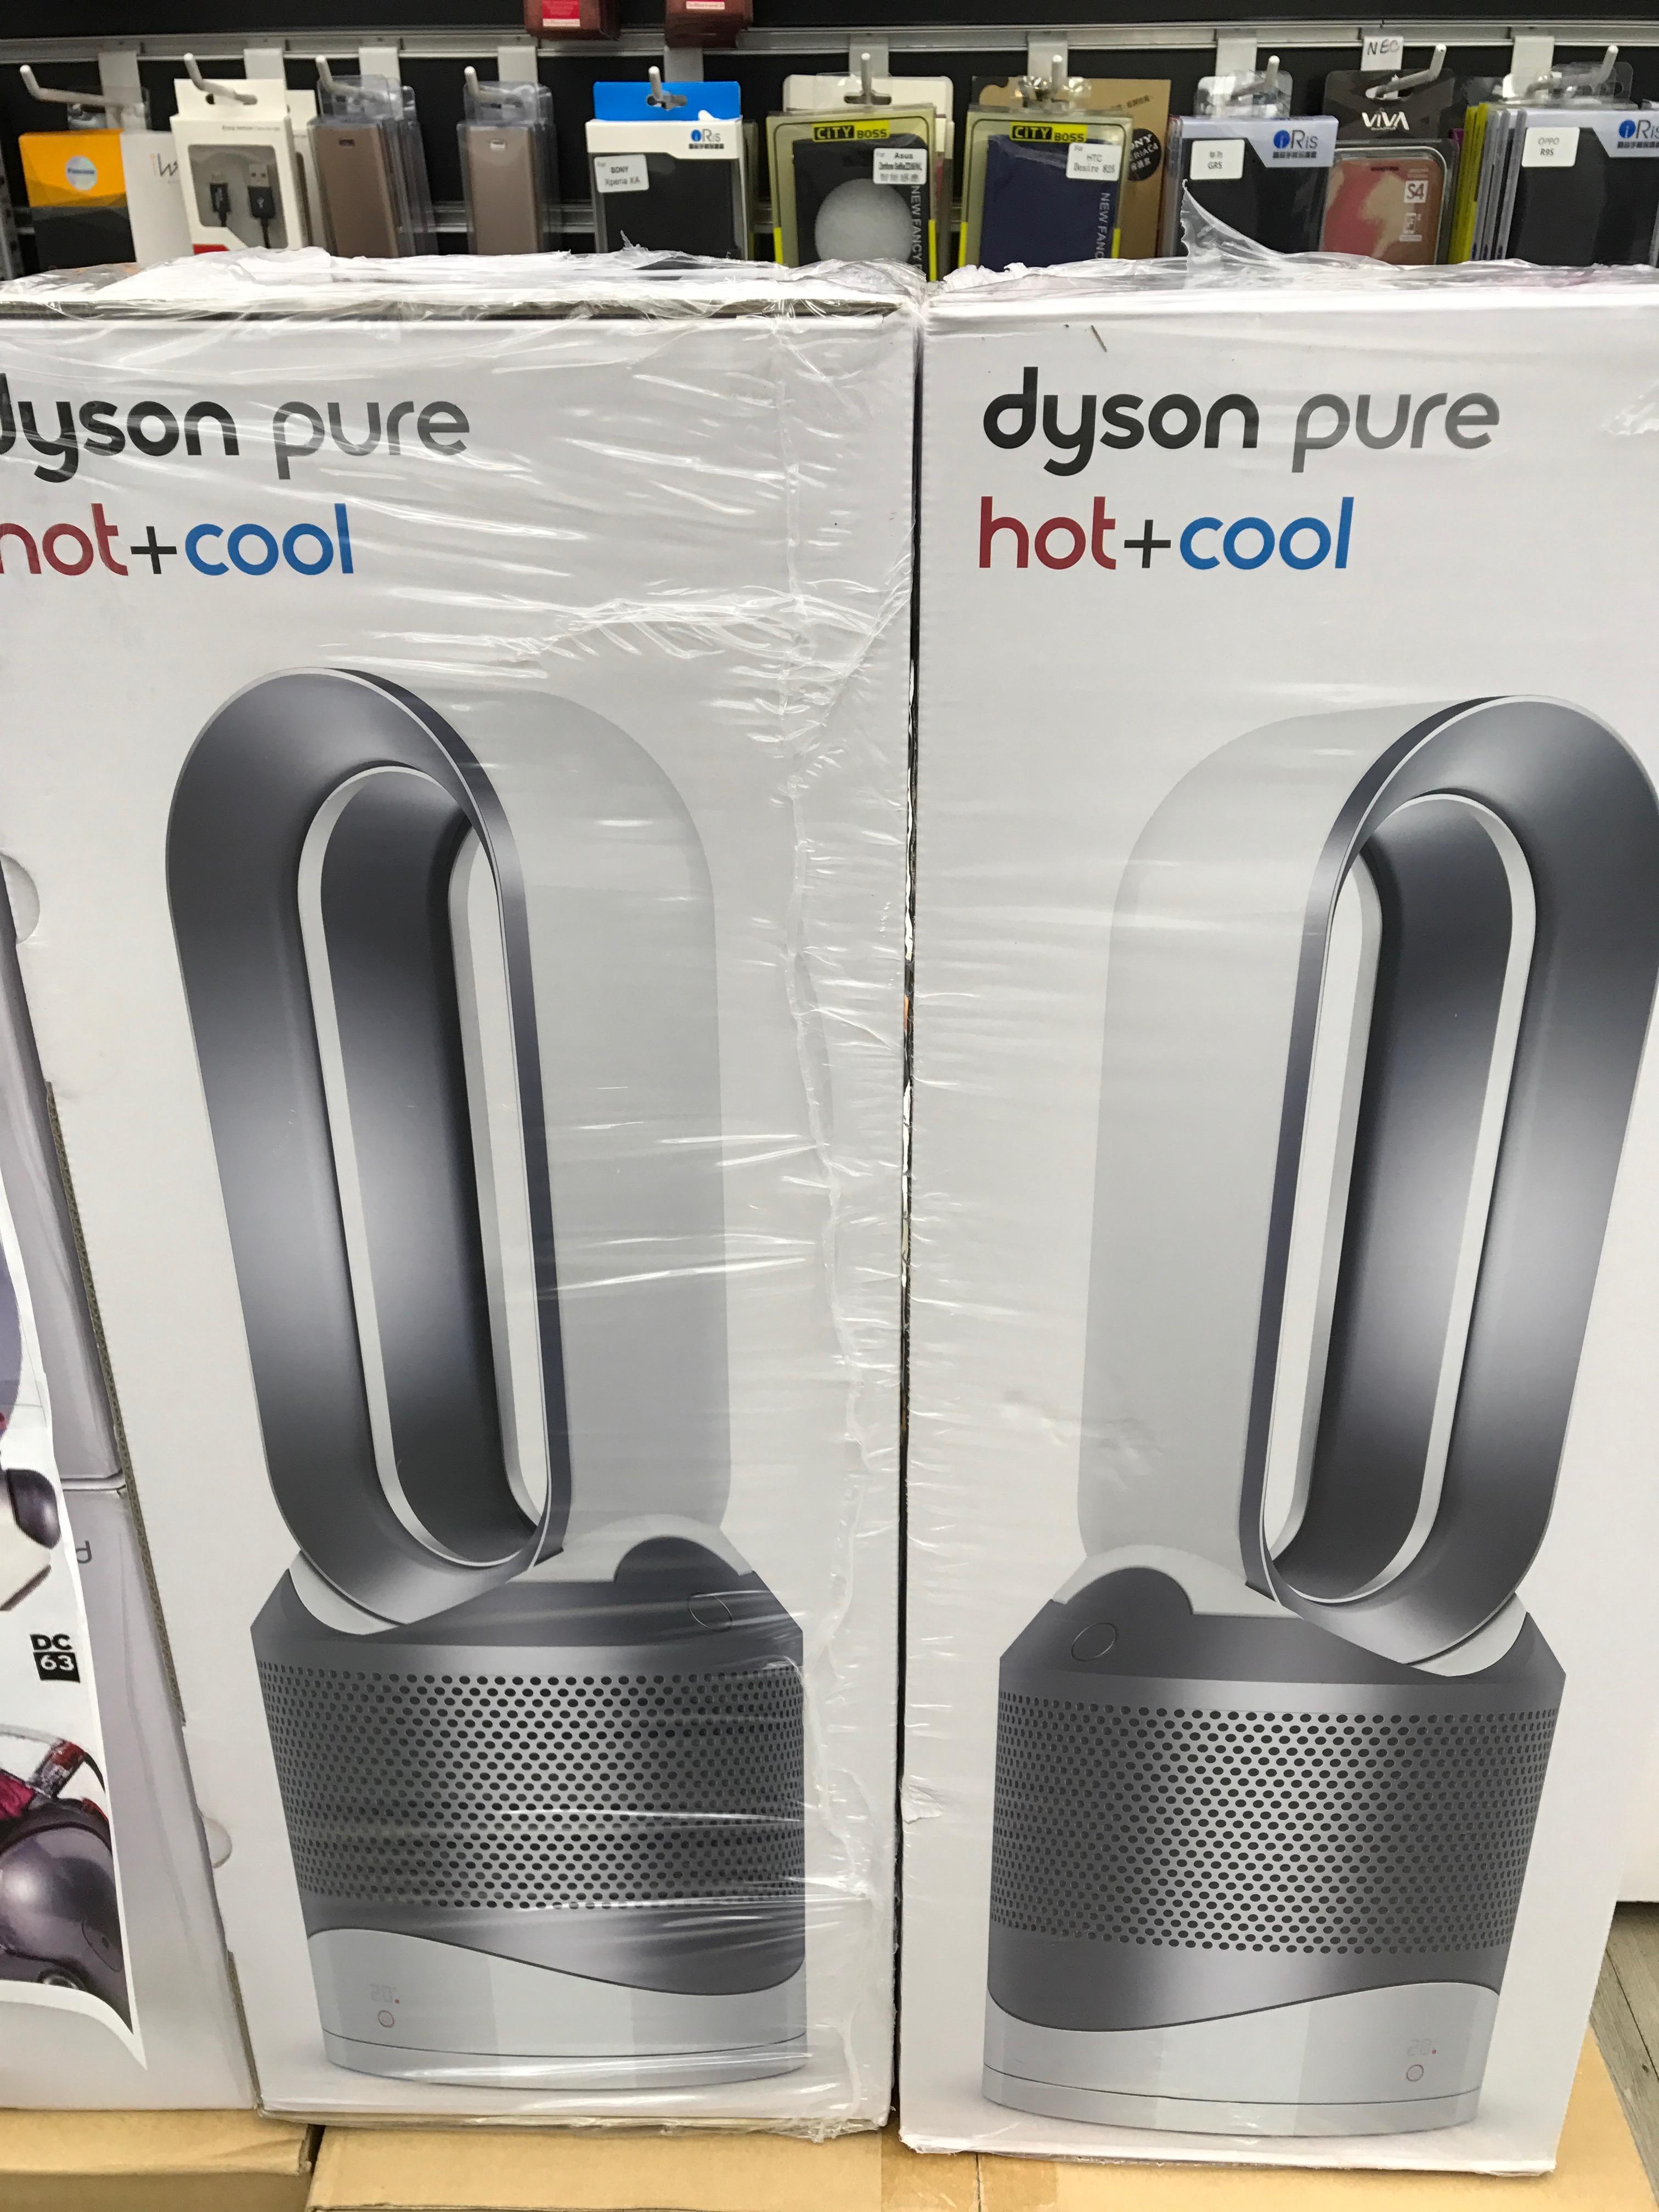 【鐵樂瘋3C 】(展翔) Dyson pure hot+cool 空氣清淨 涼暖氣流倍增器HP01(白)